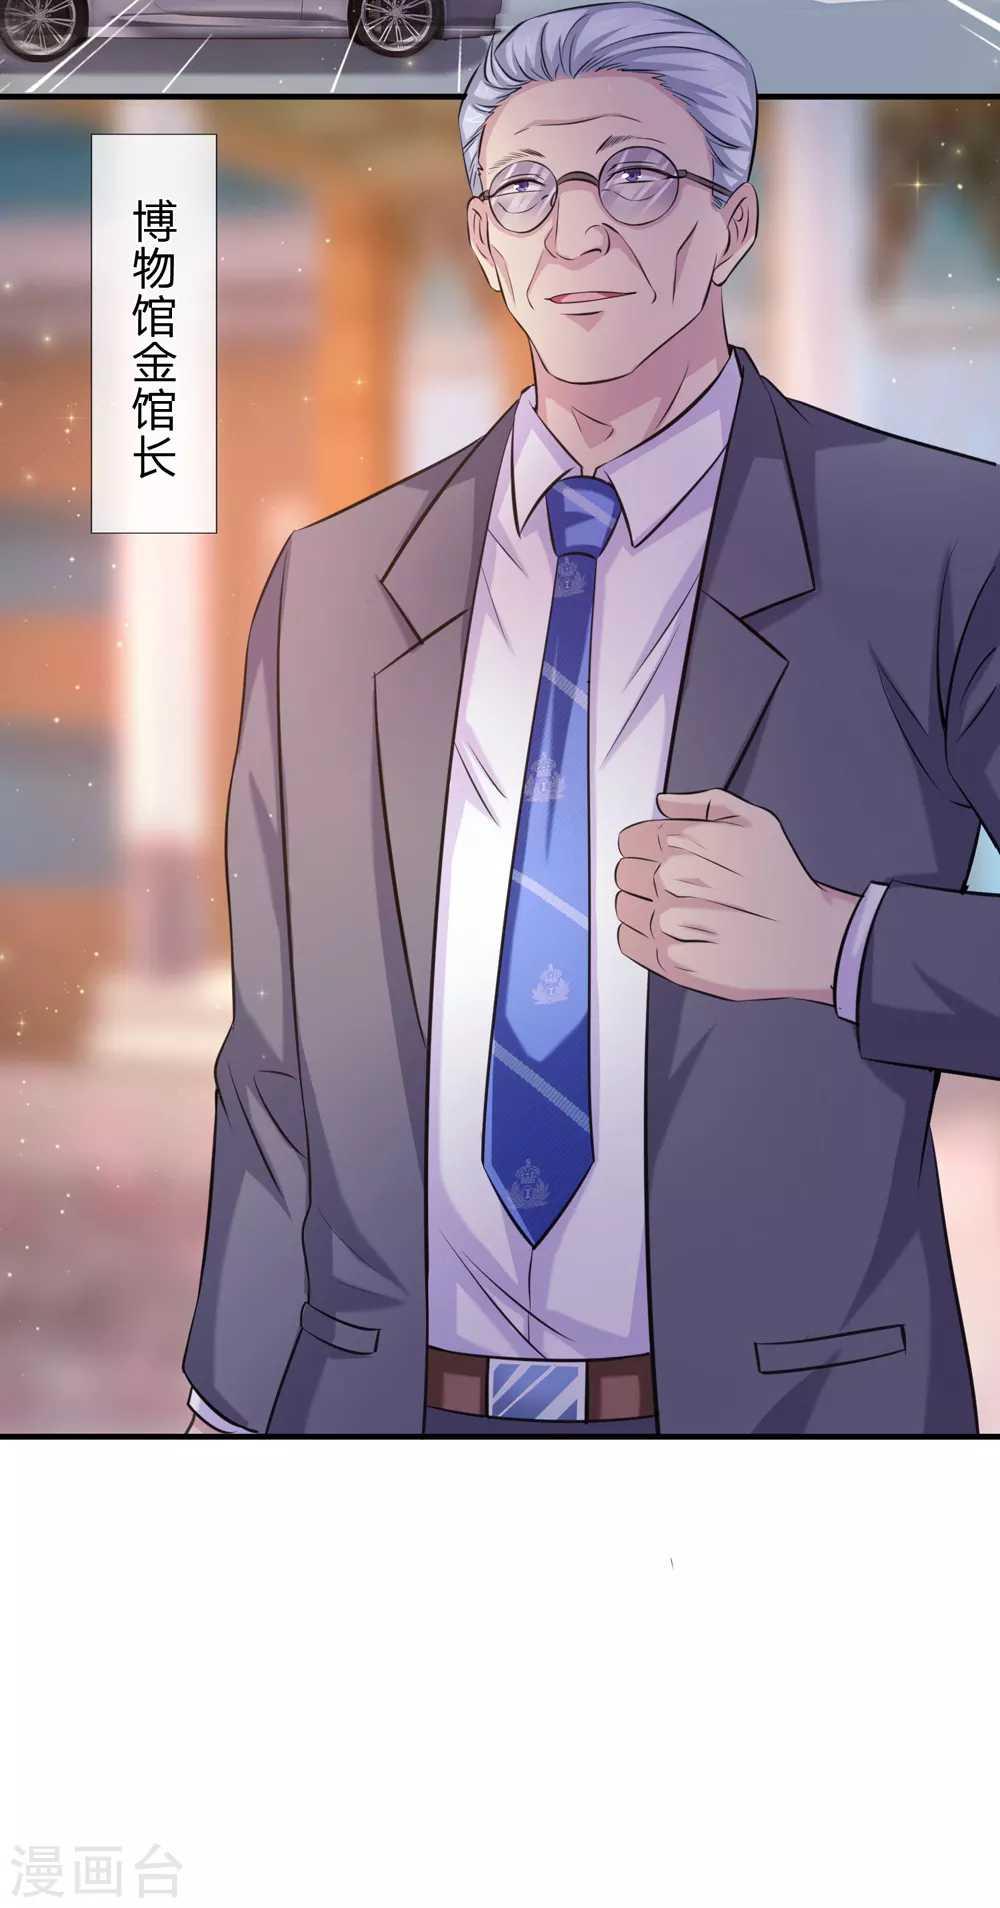 【漫画更新】绝世飞刀